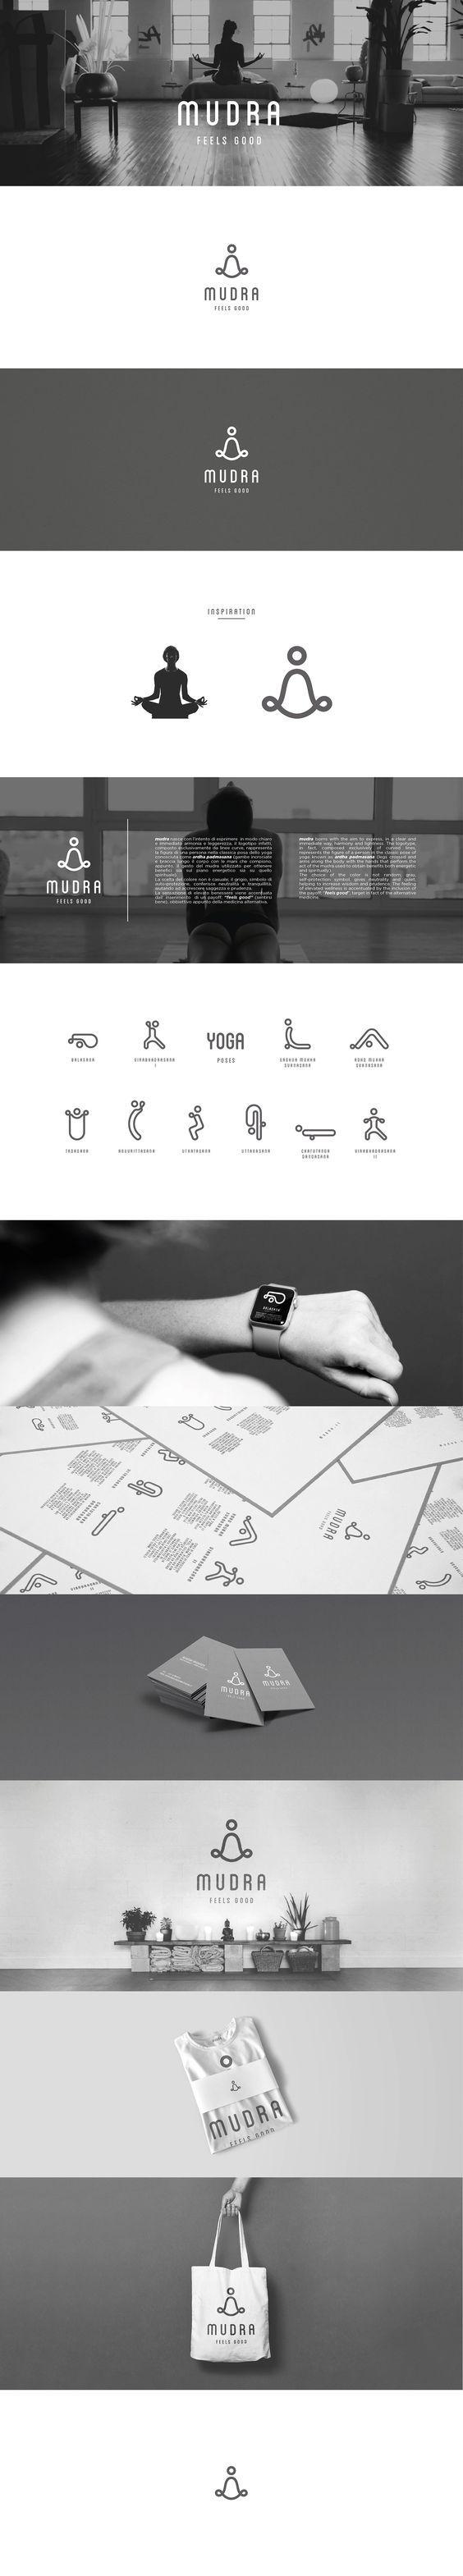 10.Outra tendência no branding é os logos de traço único. A partir do símbolo abstrato foram criados outros para expressar cada ramo de atuação da empresa. Um exemplo de quando menos é mais!  #IdentidadeVisual #Logo #Propaganda #Branding #Creative #TudoMarketing #TudoMkt